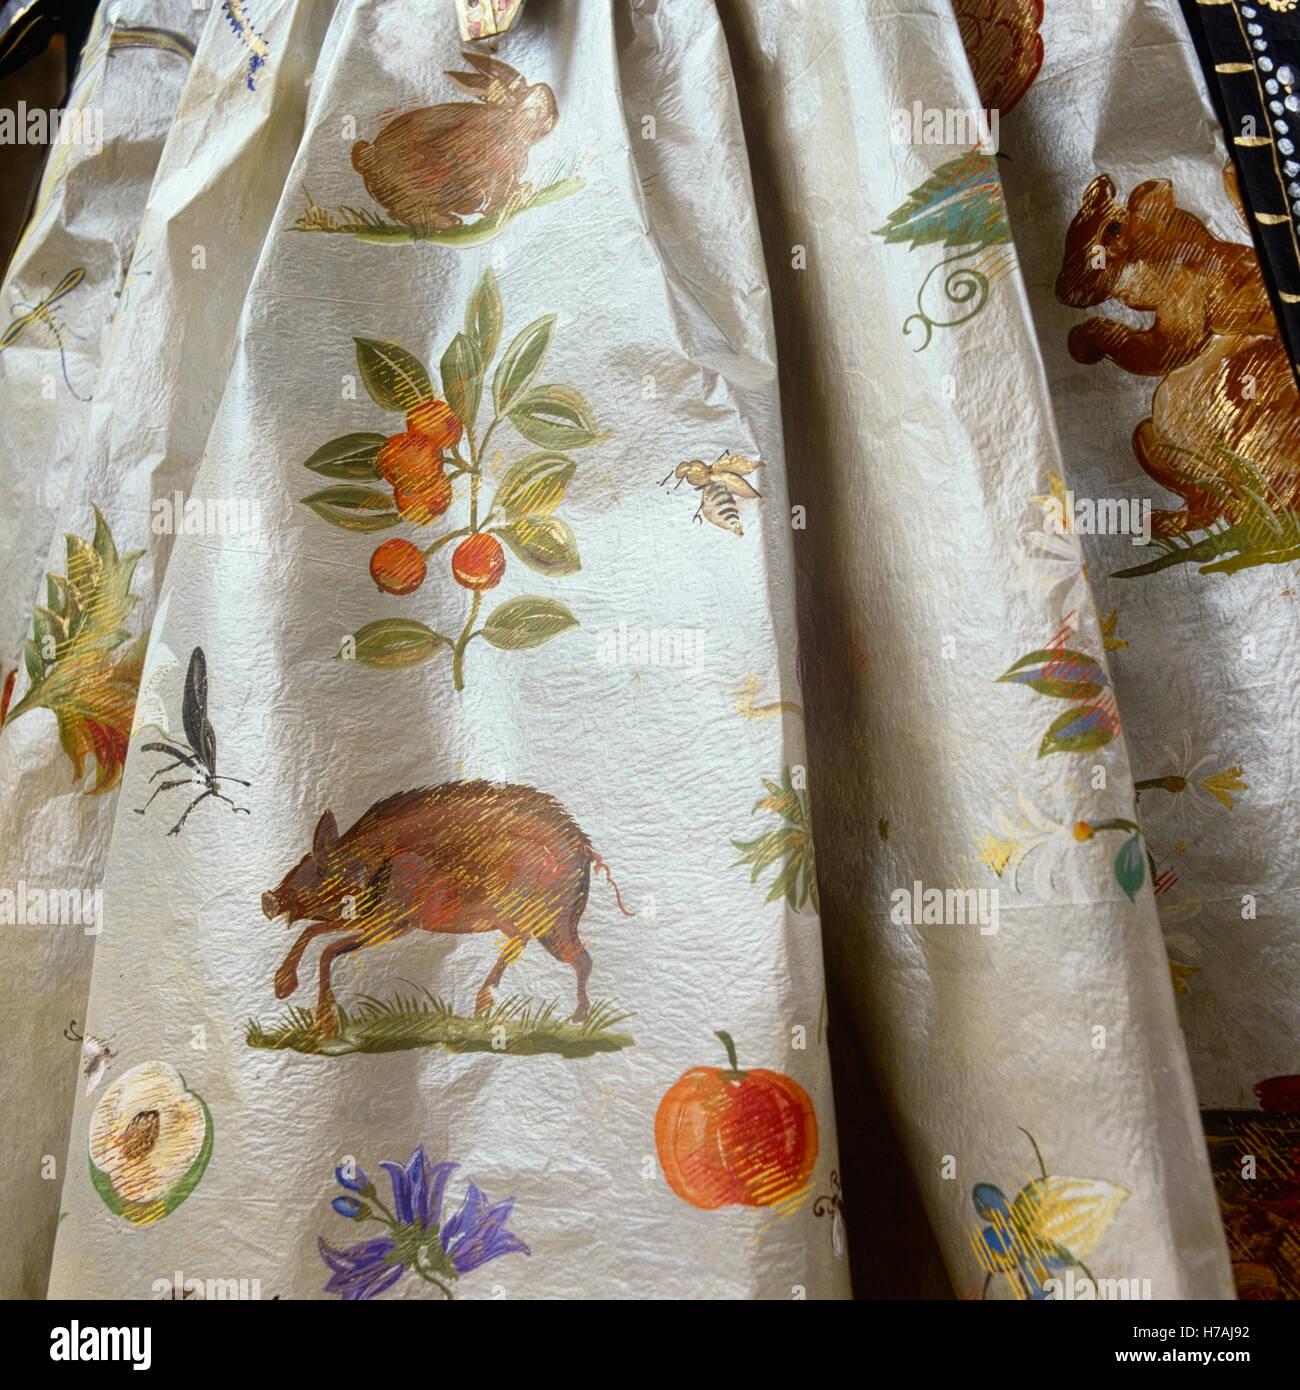 Animales pintados a mano y frutas en falda del hist rico papel de r plica vestido por isabelle - Papel pintado a mano ...